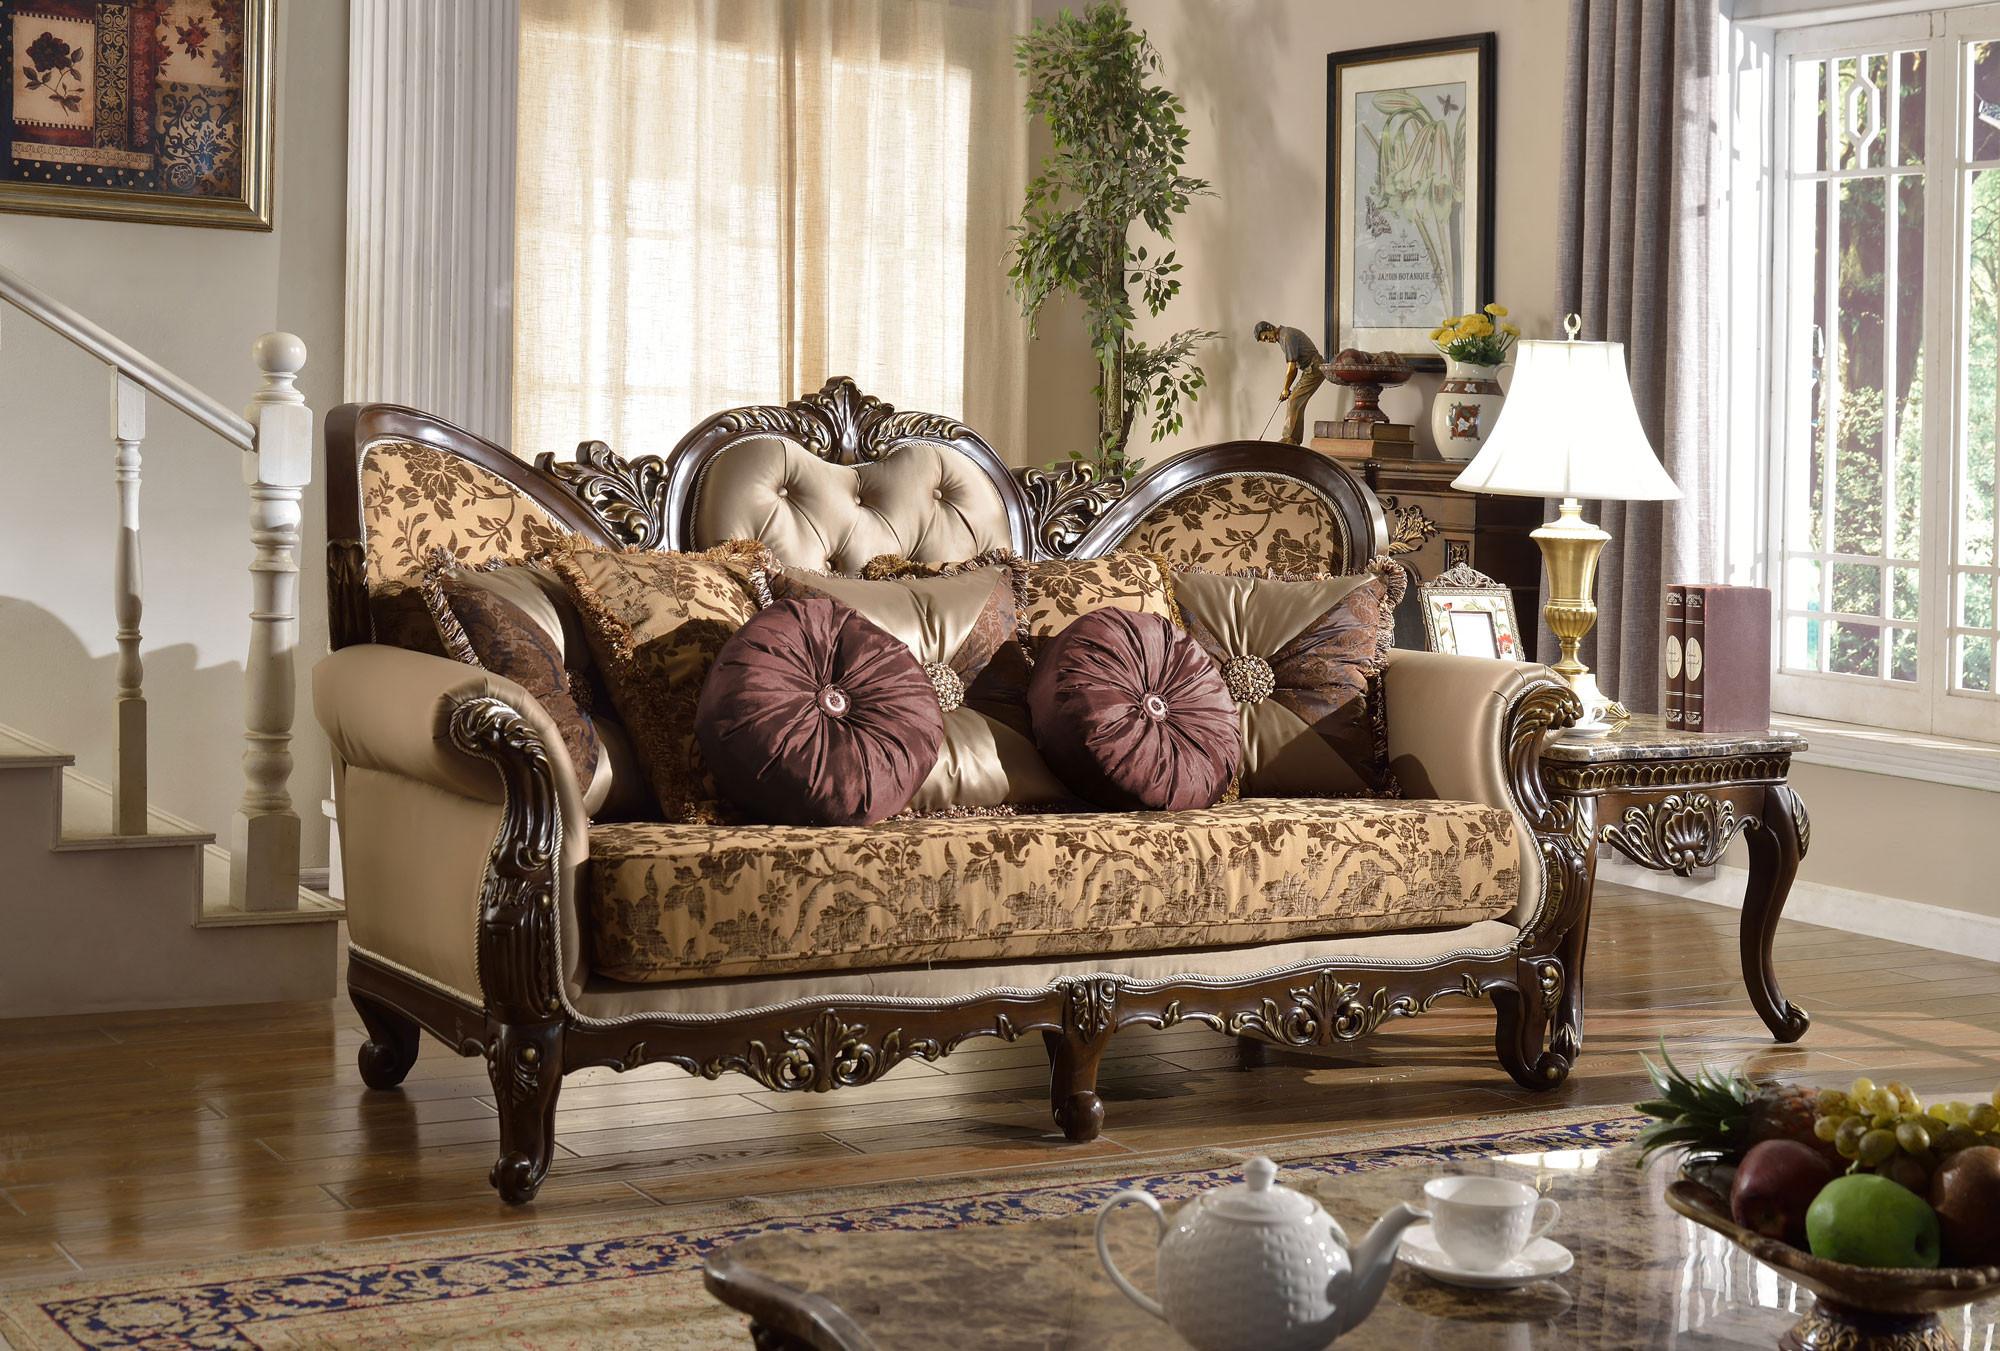 610 Catania Living Room Set in Dark Cherry Finish Trim